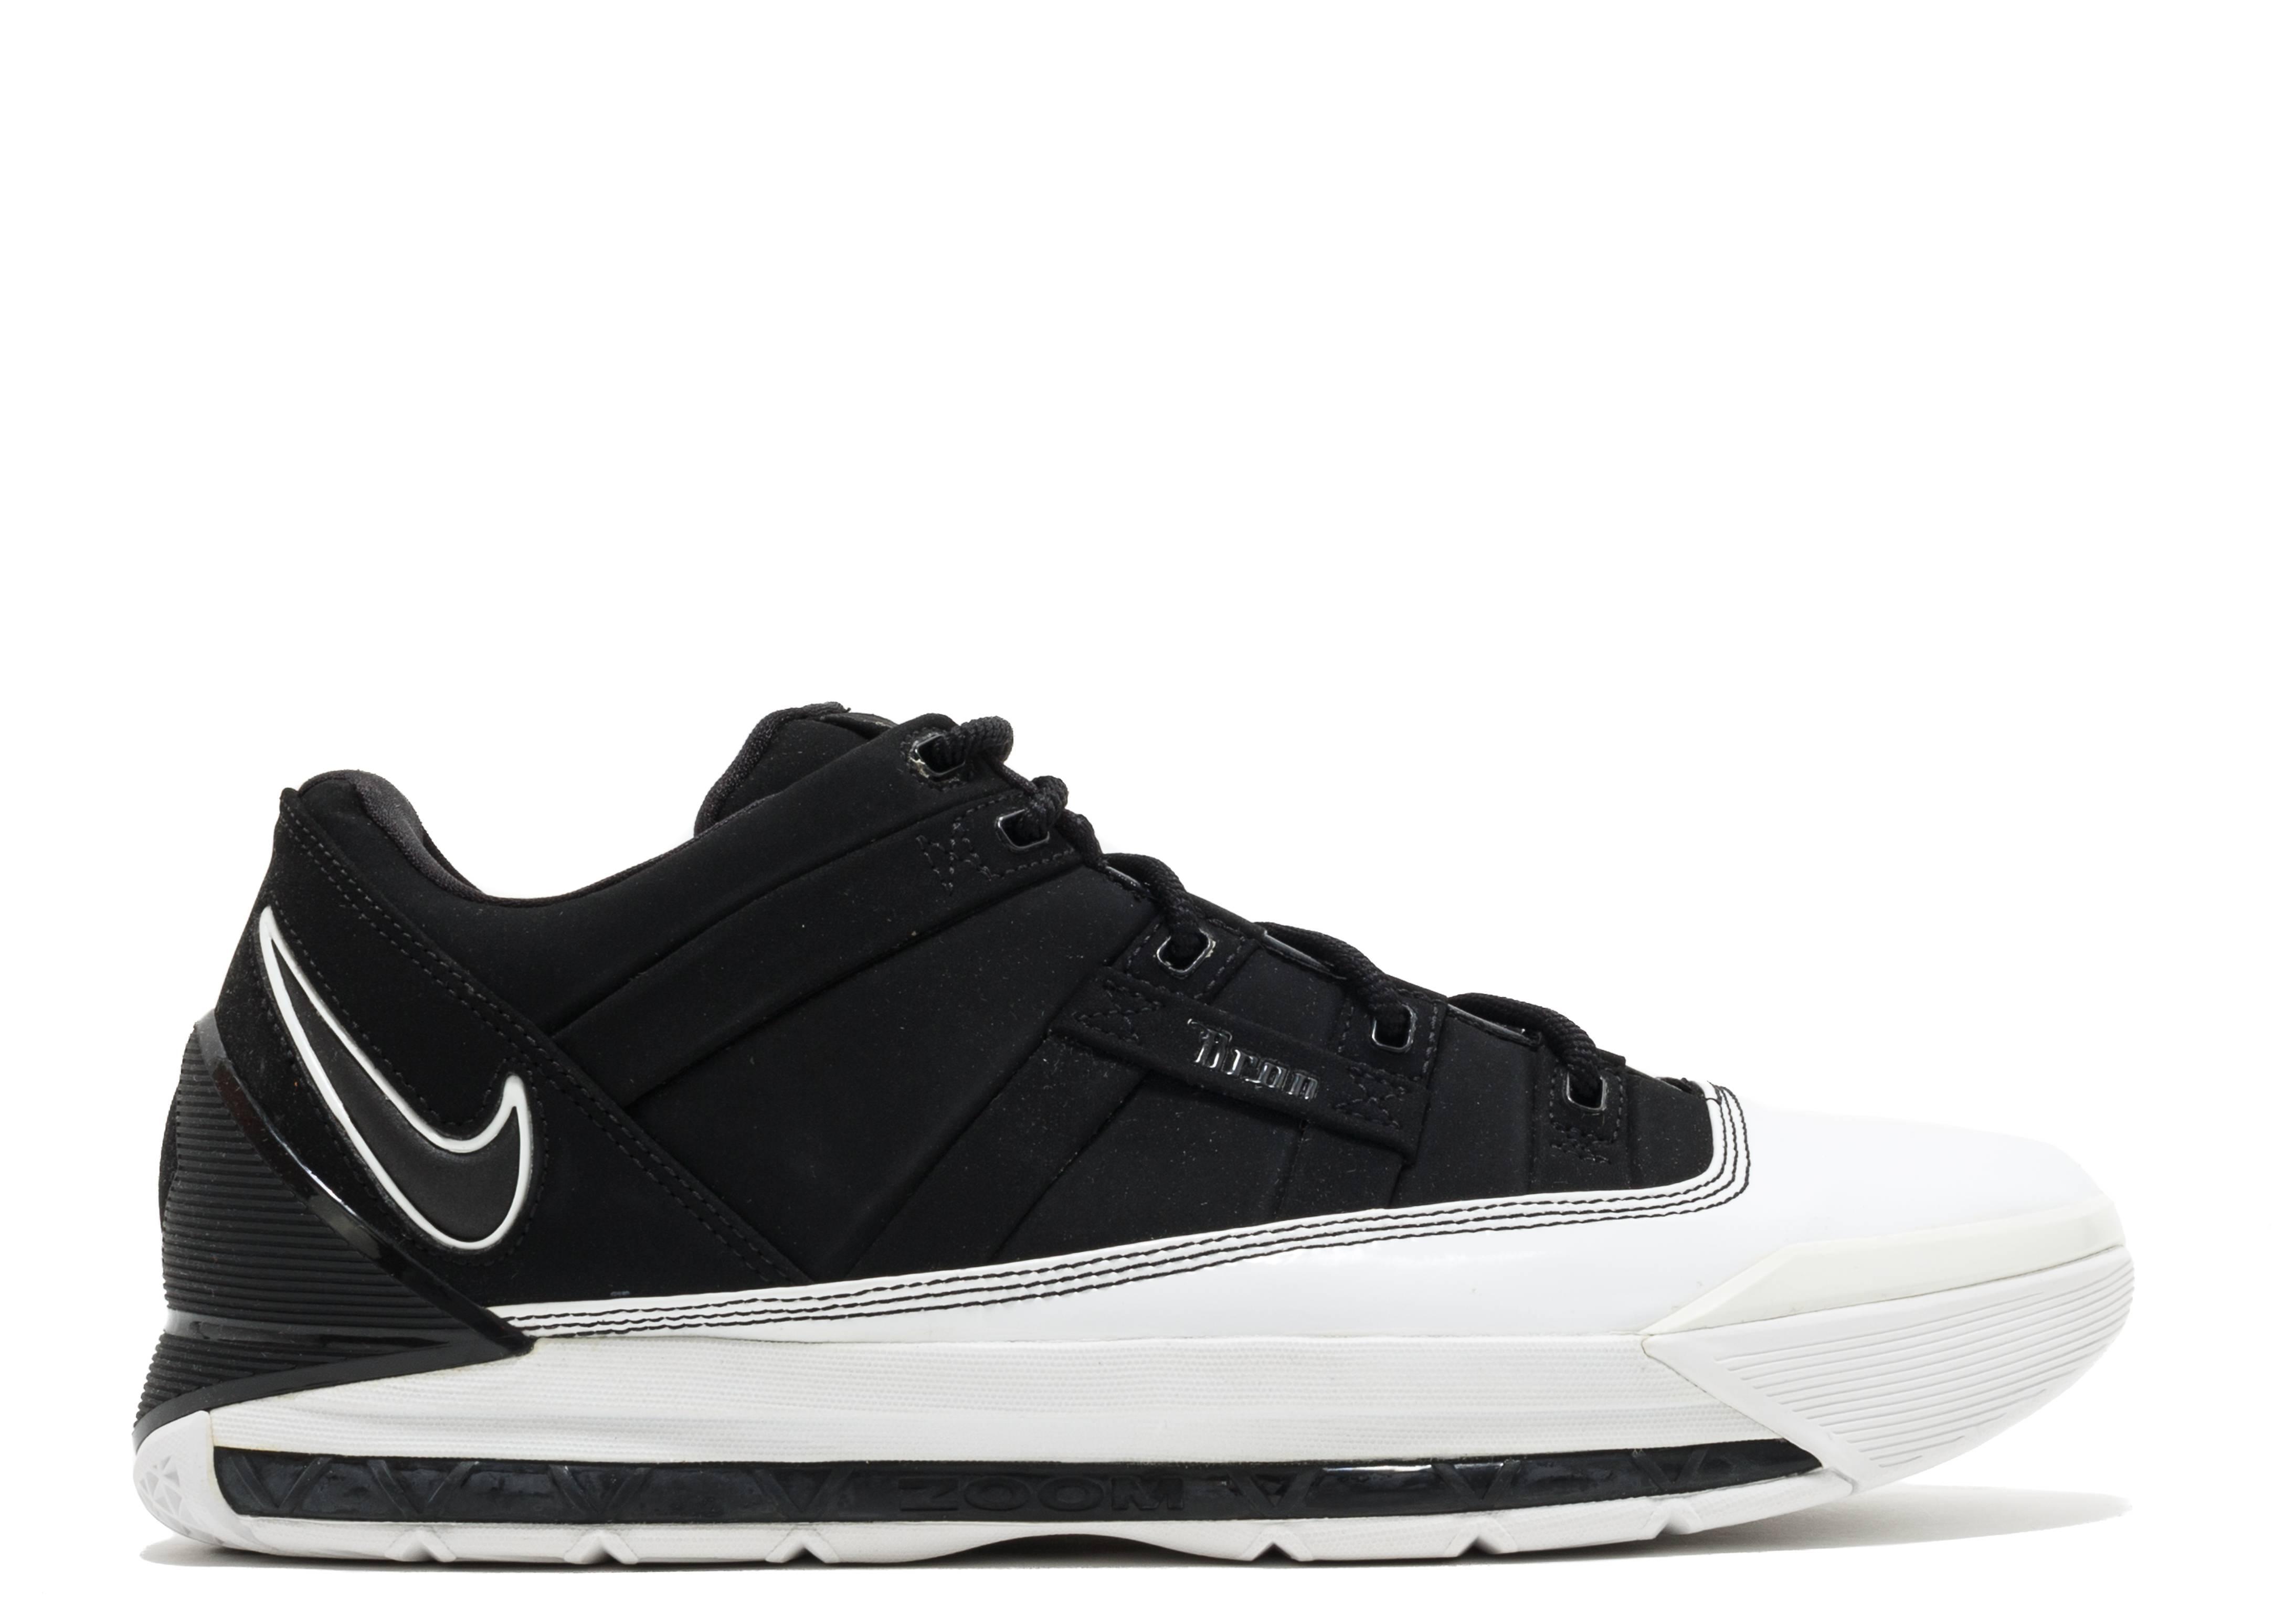 8a15e0e15ed Nike Lebron 3 Low Pe